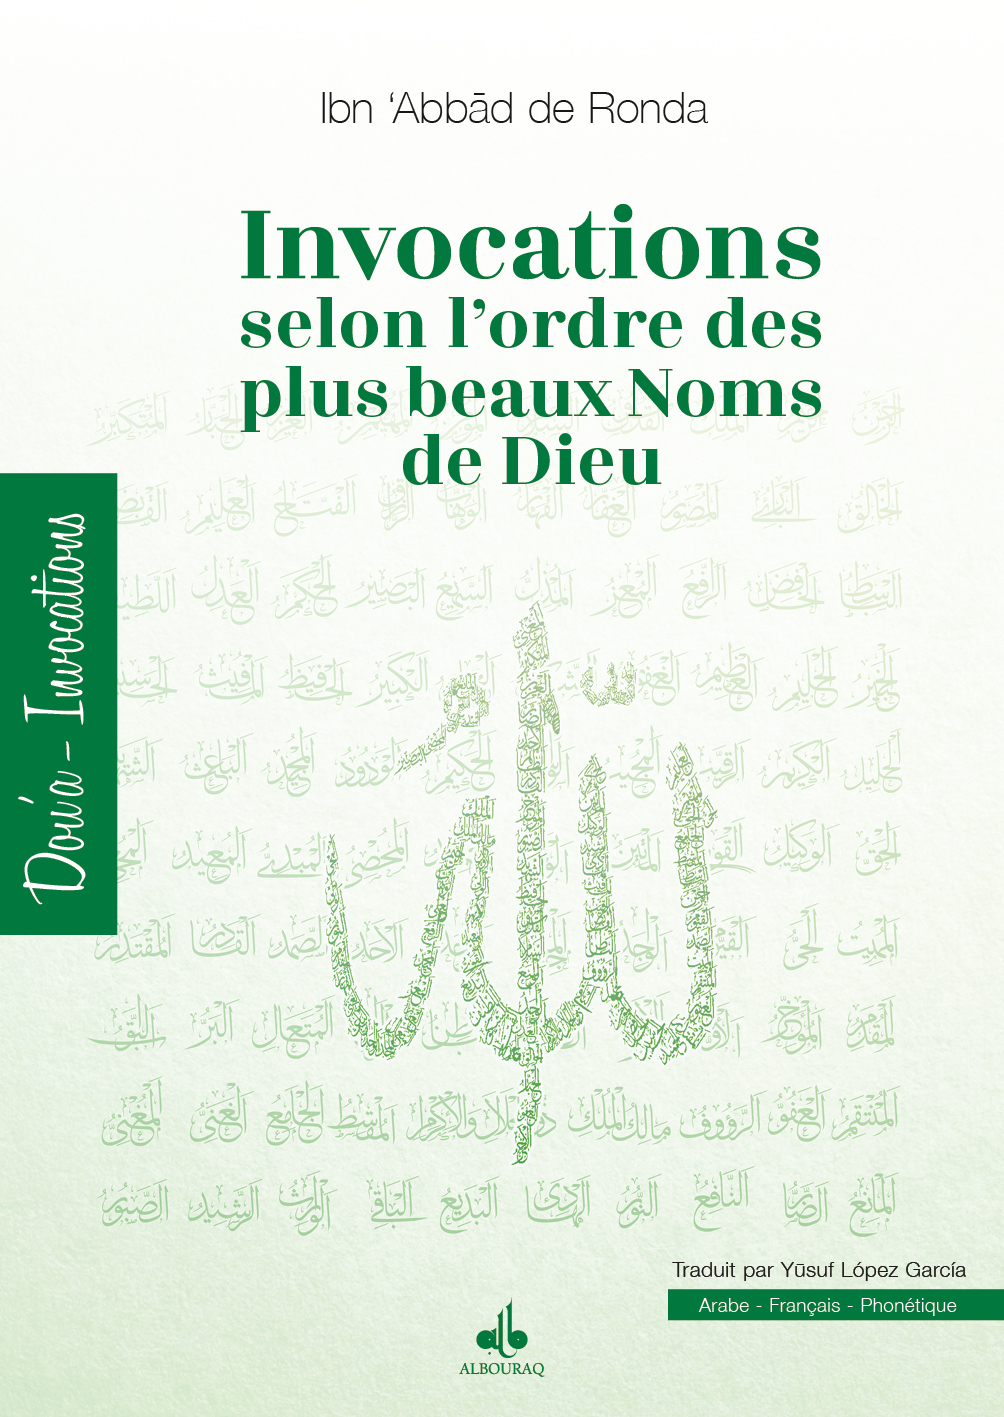 INVOCATIONS SELON L ORDRE DES PLUS BEAUX NOMS DE DIEU (ARABE -FRANCAIS - PHONETIQUE)